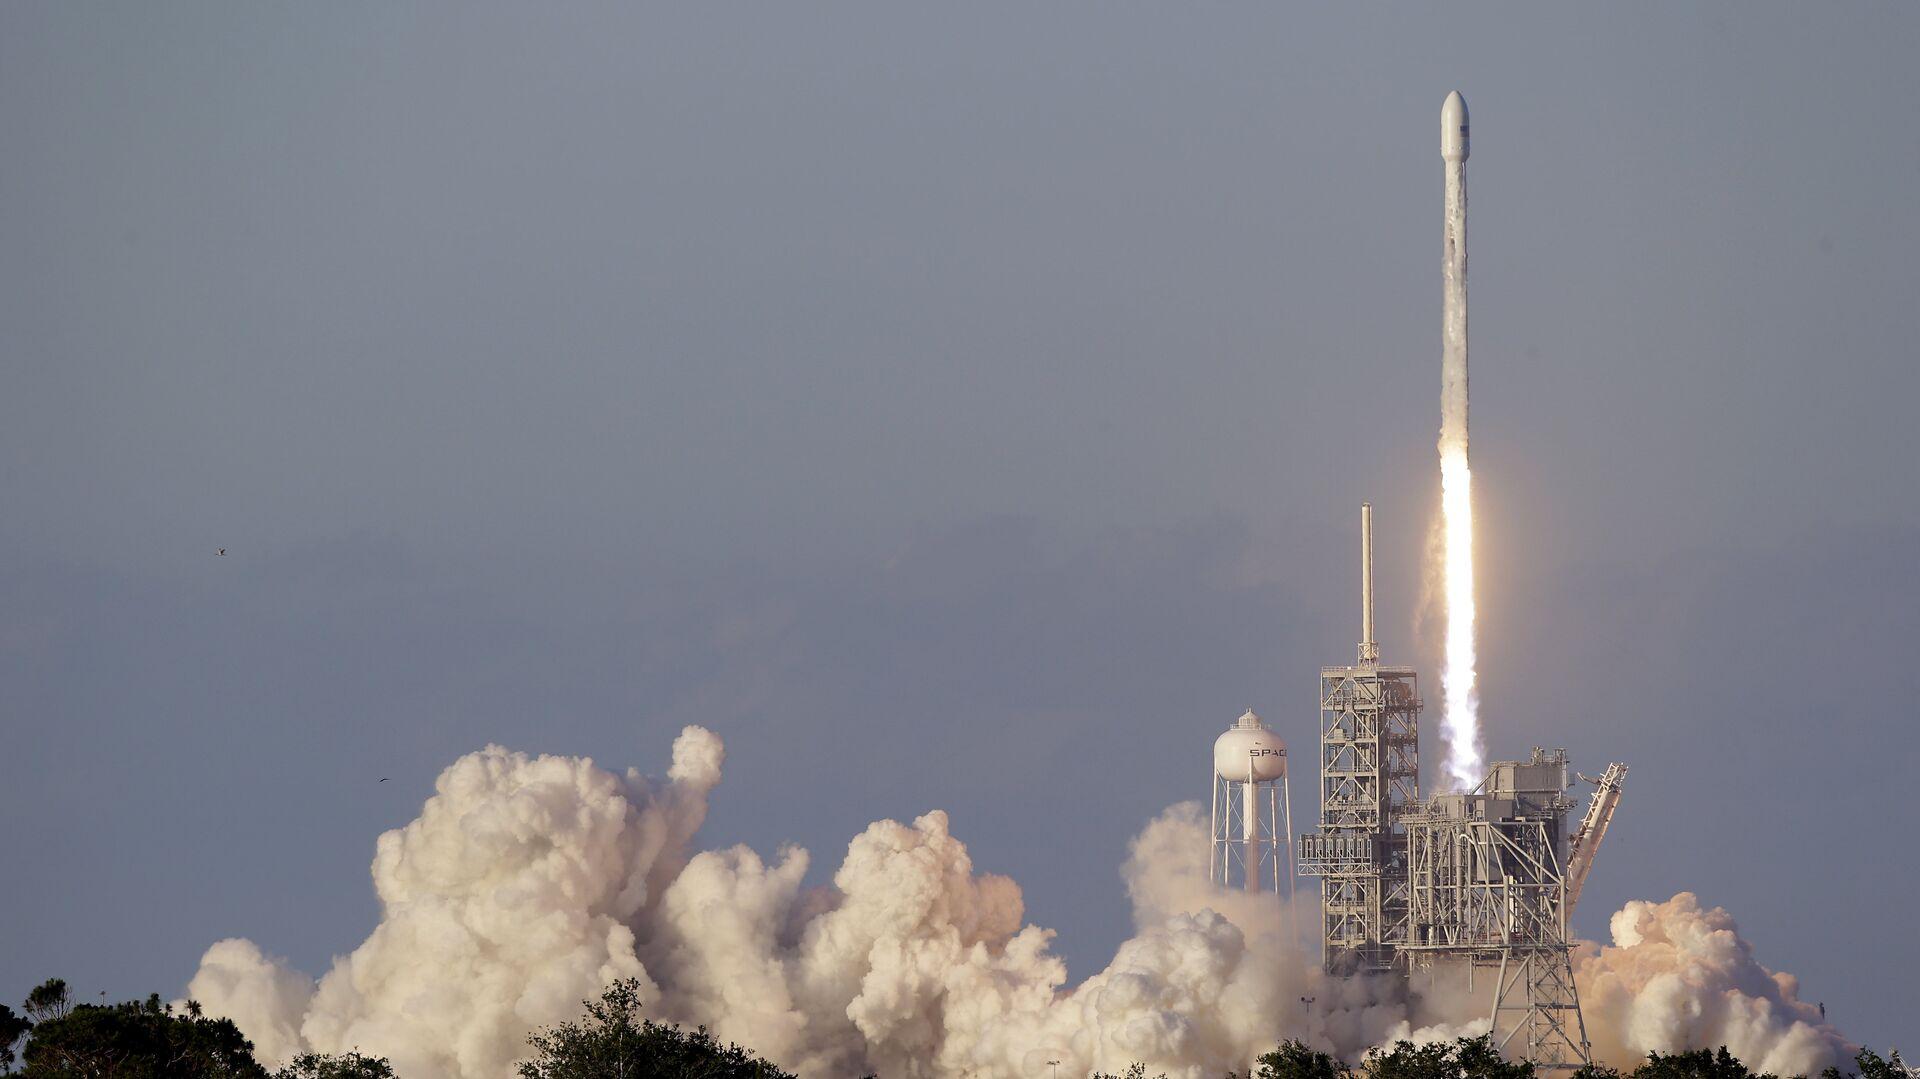 Старт ракеты Falcon 9 со спутником Inmarsat-5 F4 с космодрома на мысе Канаверал. 15 мая 2017 - РИА Новости, 1920, 20.01.2021